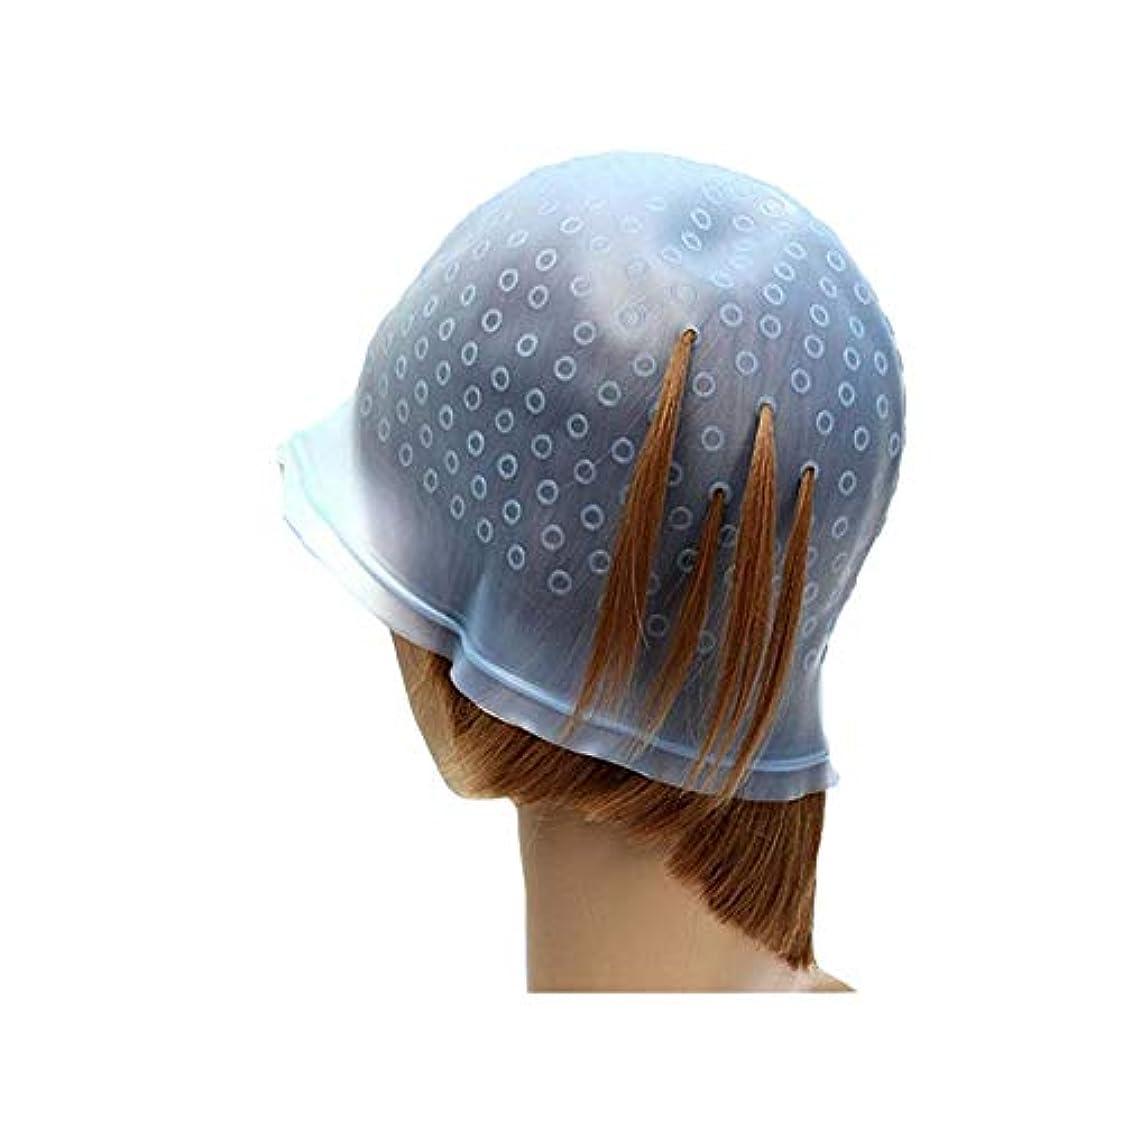 ミル博物館やるカラーリング メッシュ用 シリコンキャップ セルフカラー 髪の毛 穴あけ用のかぎ針付き 髪 レディース メンズ